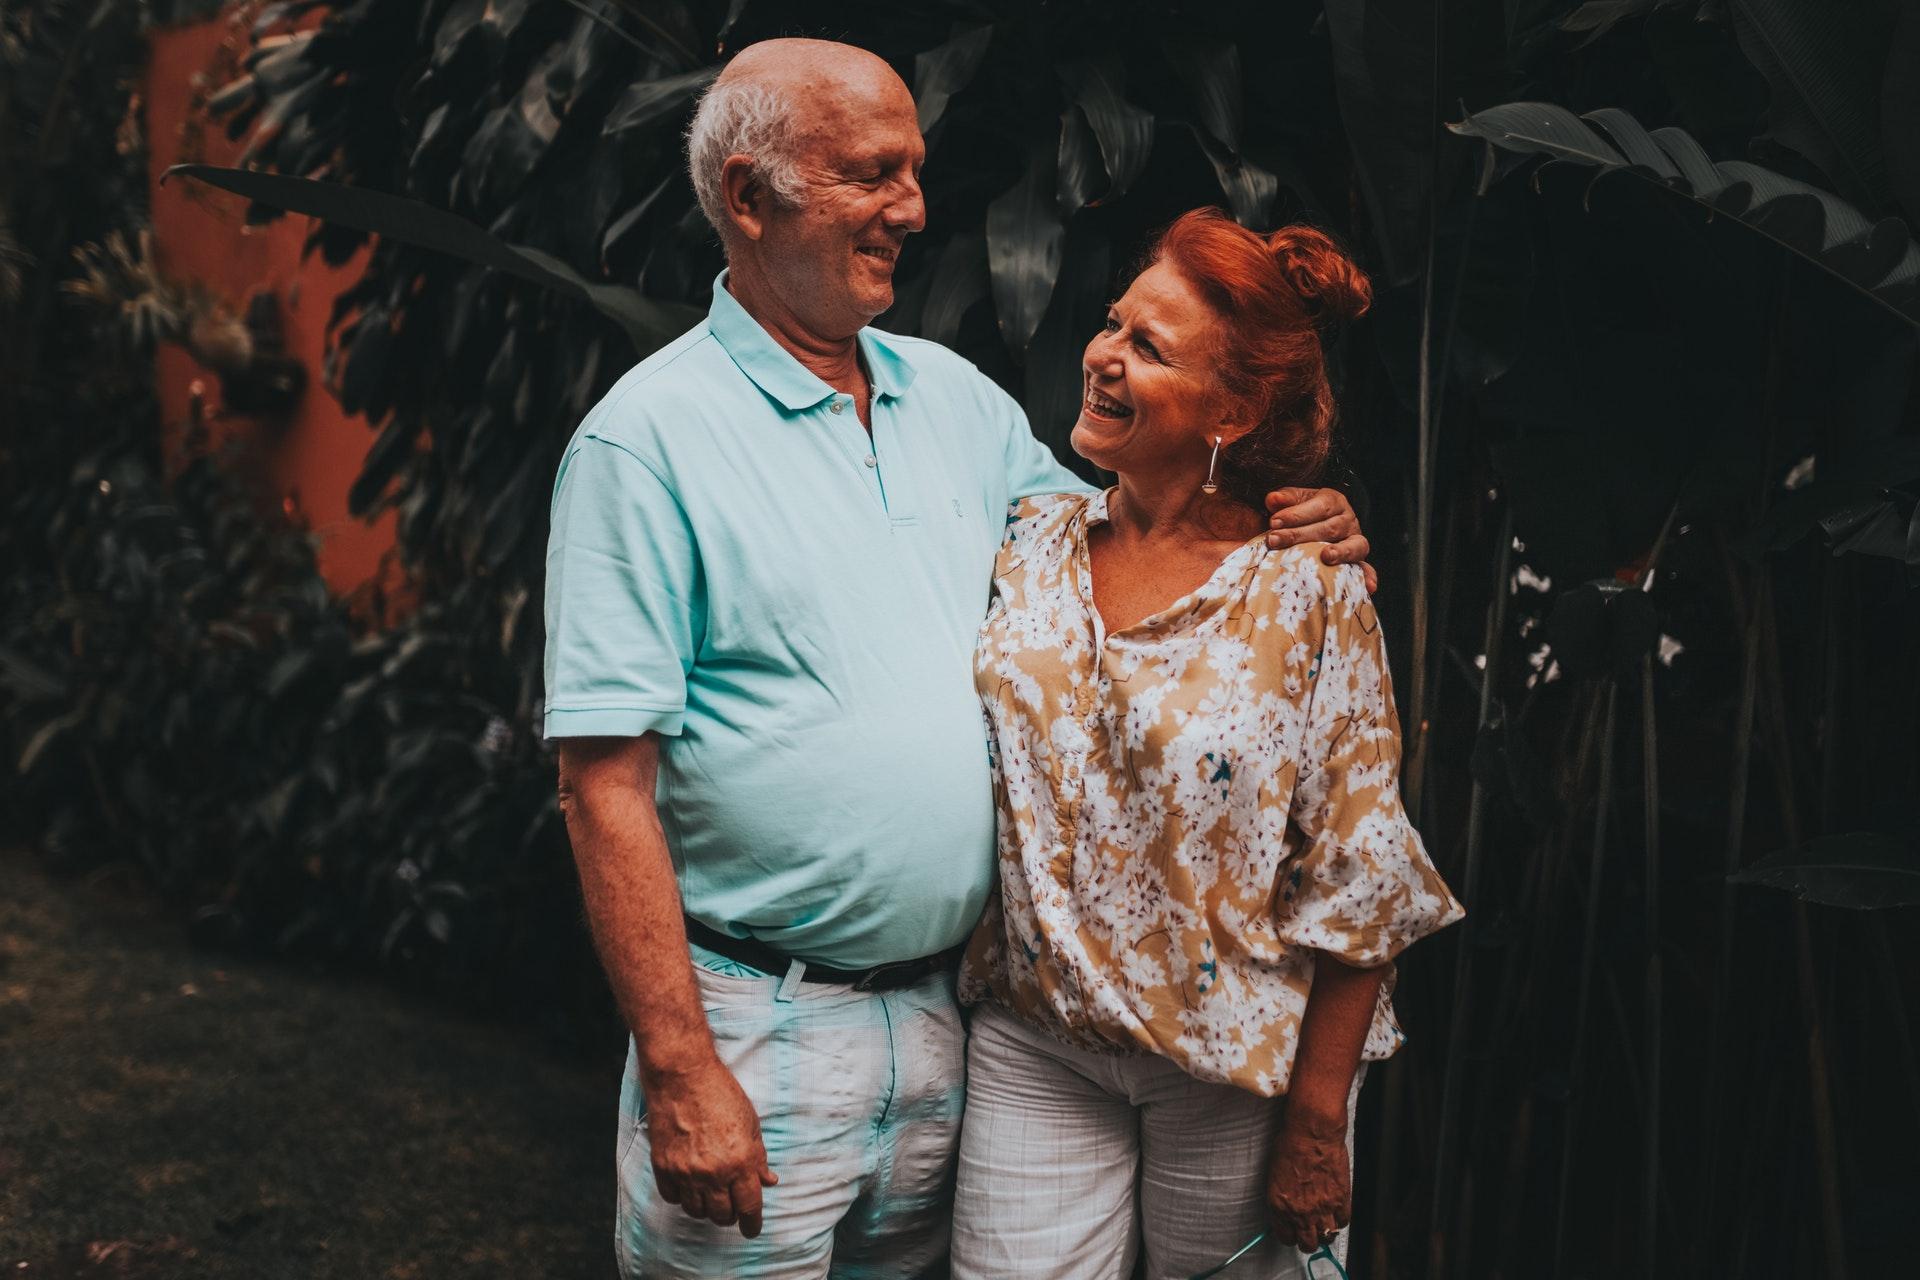 ELDERLY PEOPLE FINANCE